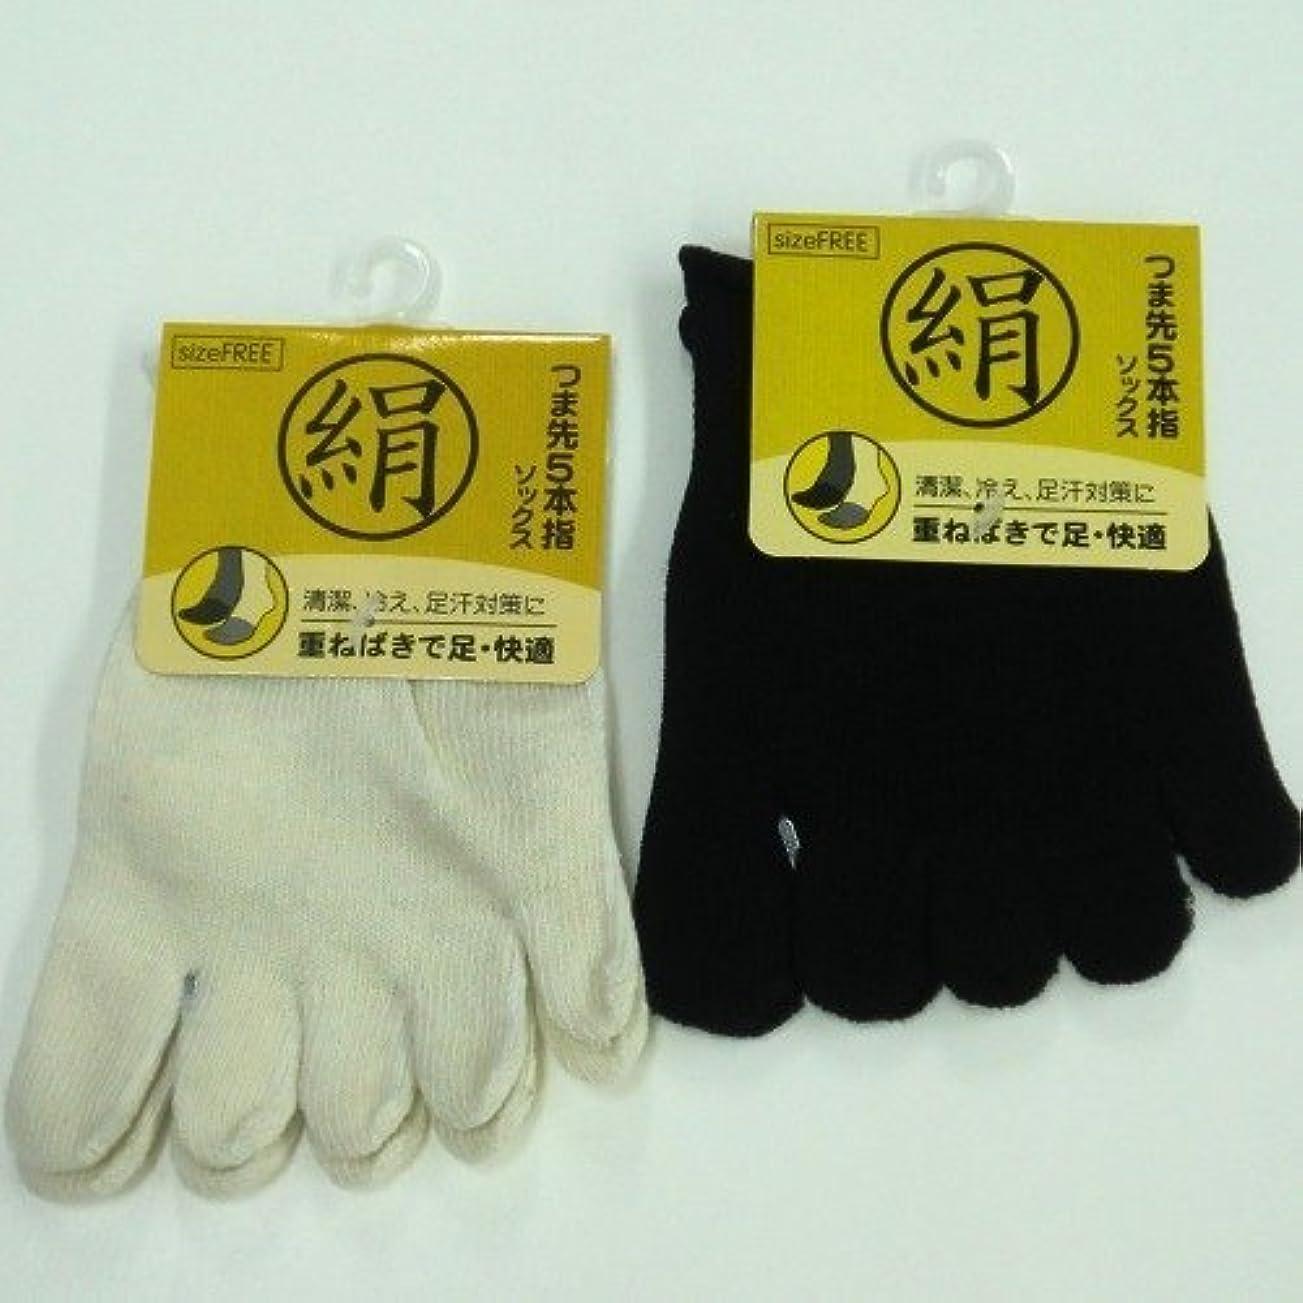 経験的コンペバレルシルク 5本指ハーフソックス 足指カバー 天然素材絹で抗菌防臭 4足組